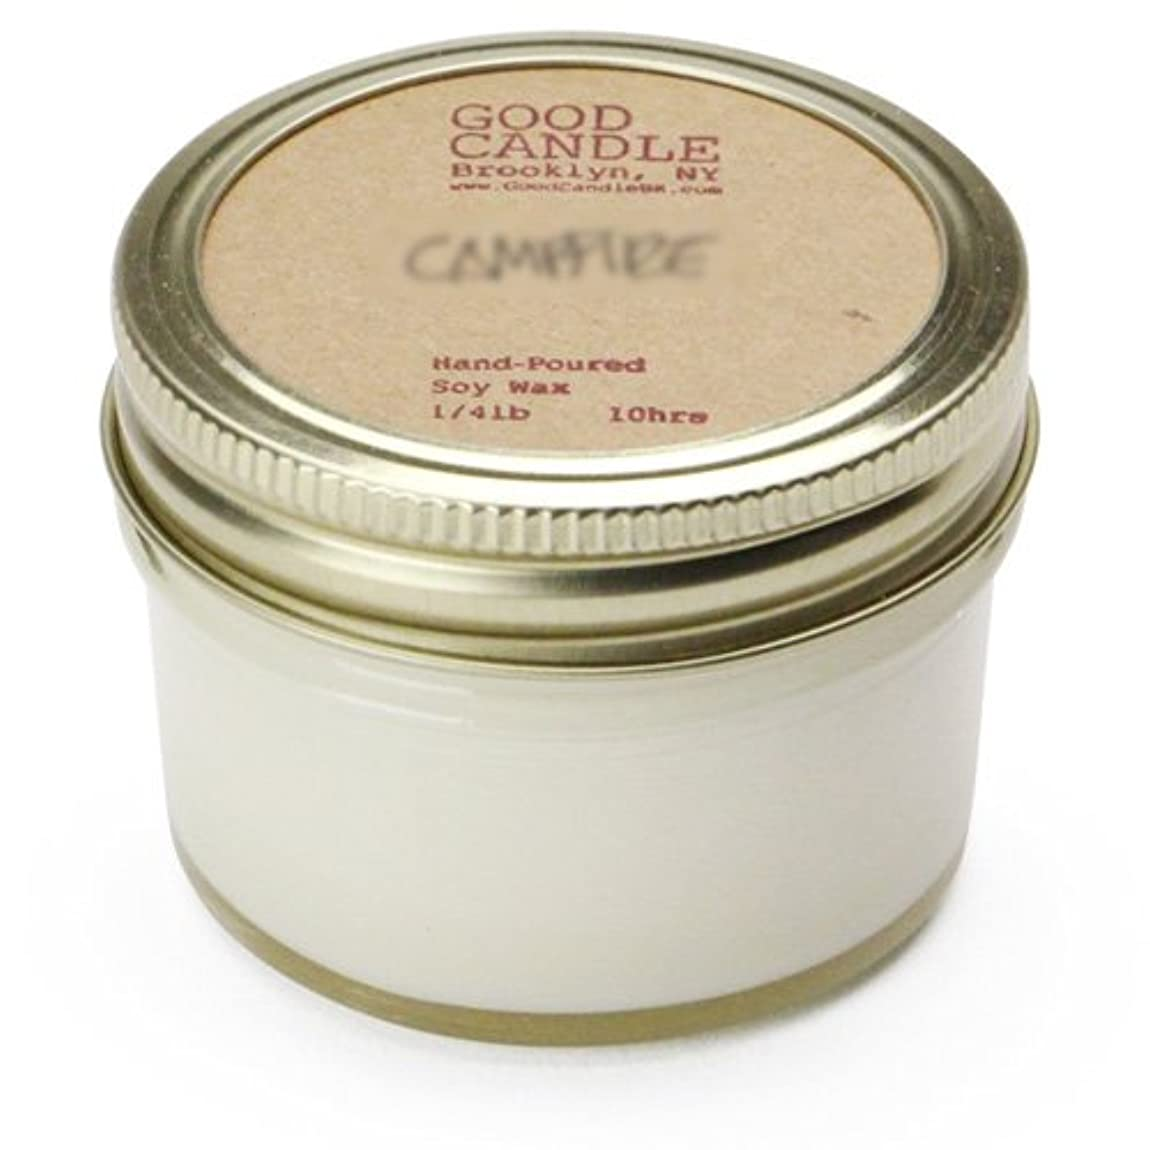 電池ランドリーラッドヤードキップリンググッドキャンドル 1/4ポンド ゼリージャー キャンドル Good Candle 1/4LB Jelly jar candle [ Wash board ] 正規品